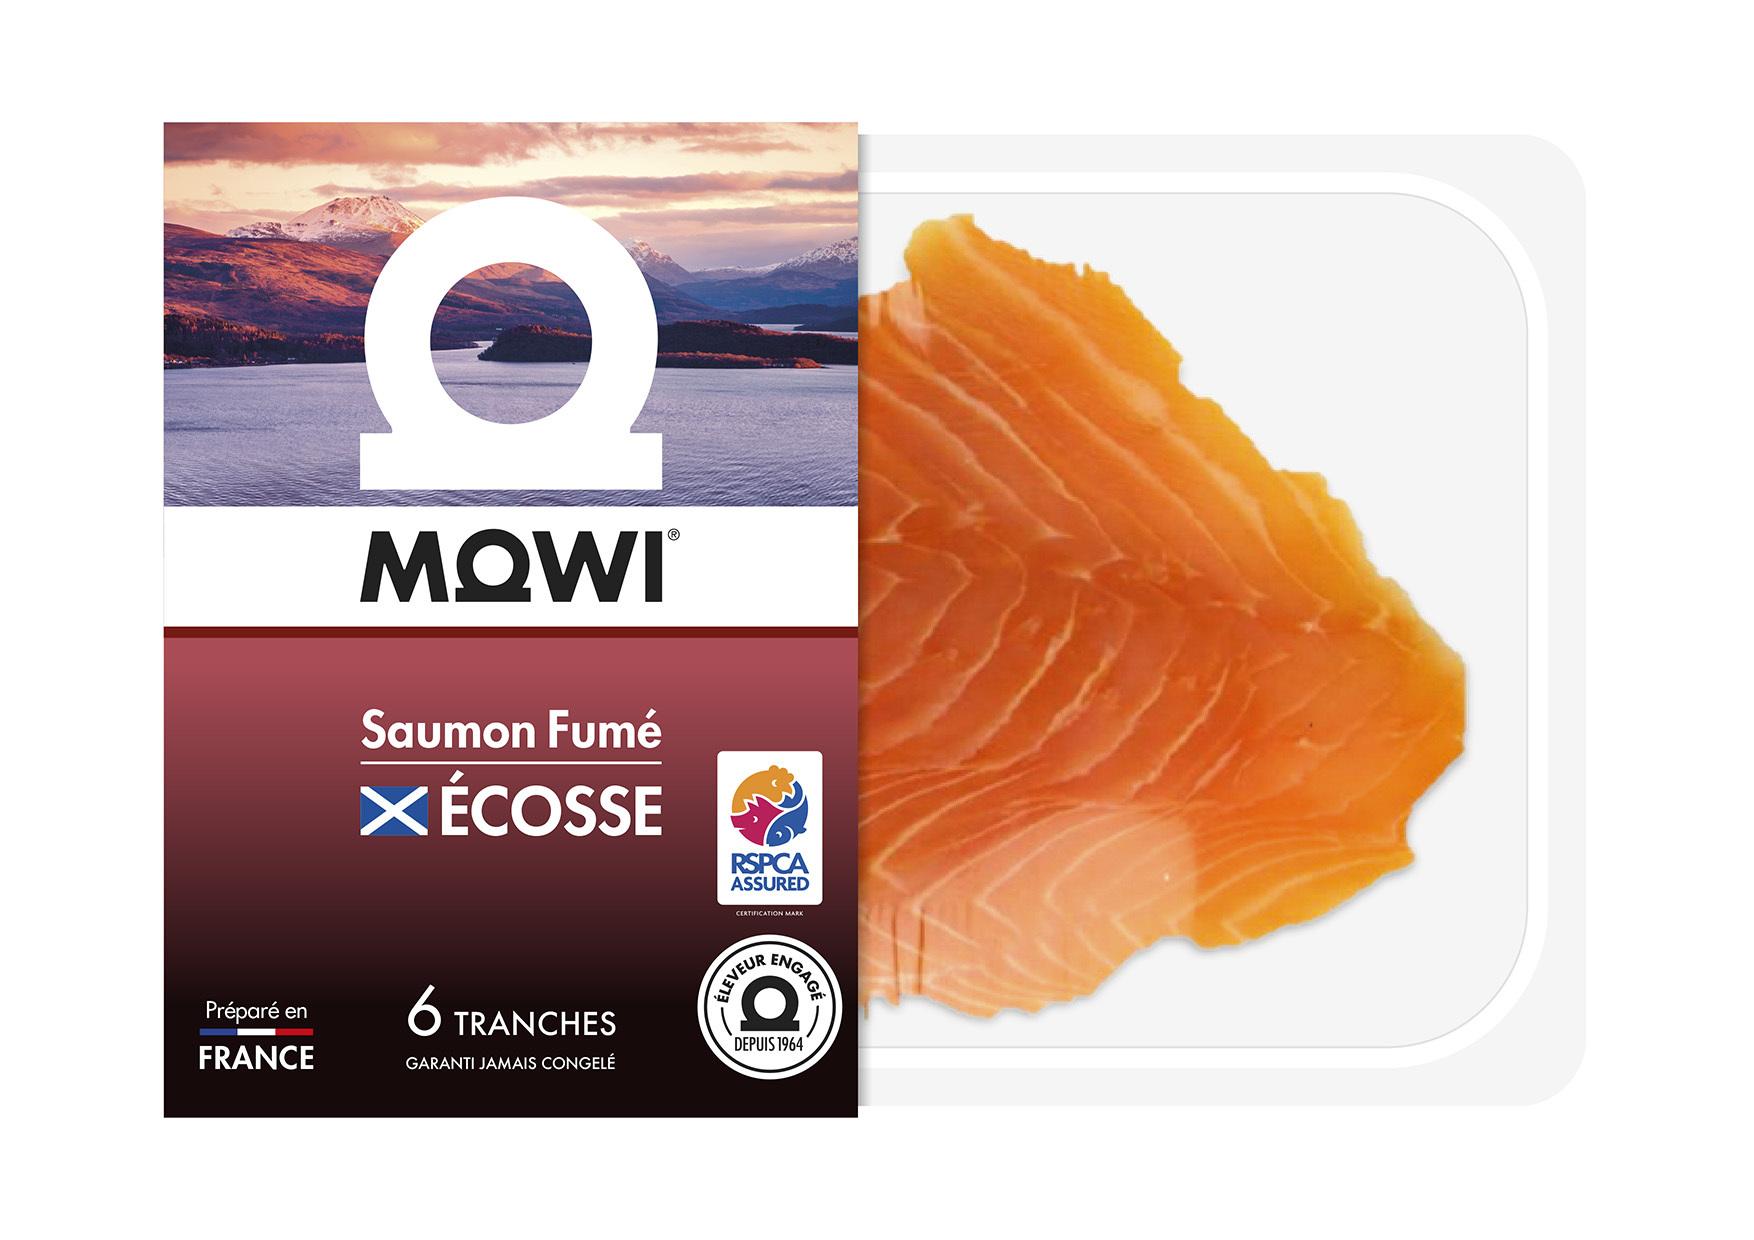 MOWI Fume 6T Ecosse - Des nouvelles références Mowi s'invitent à table !